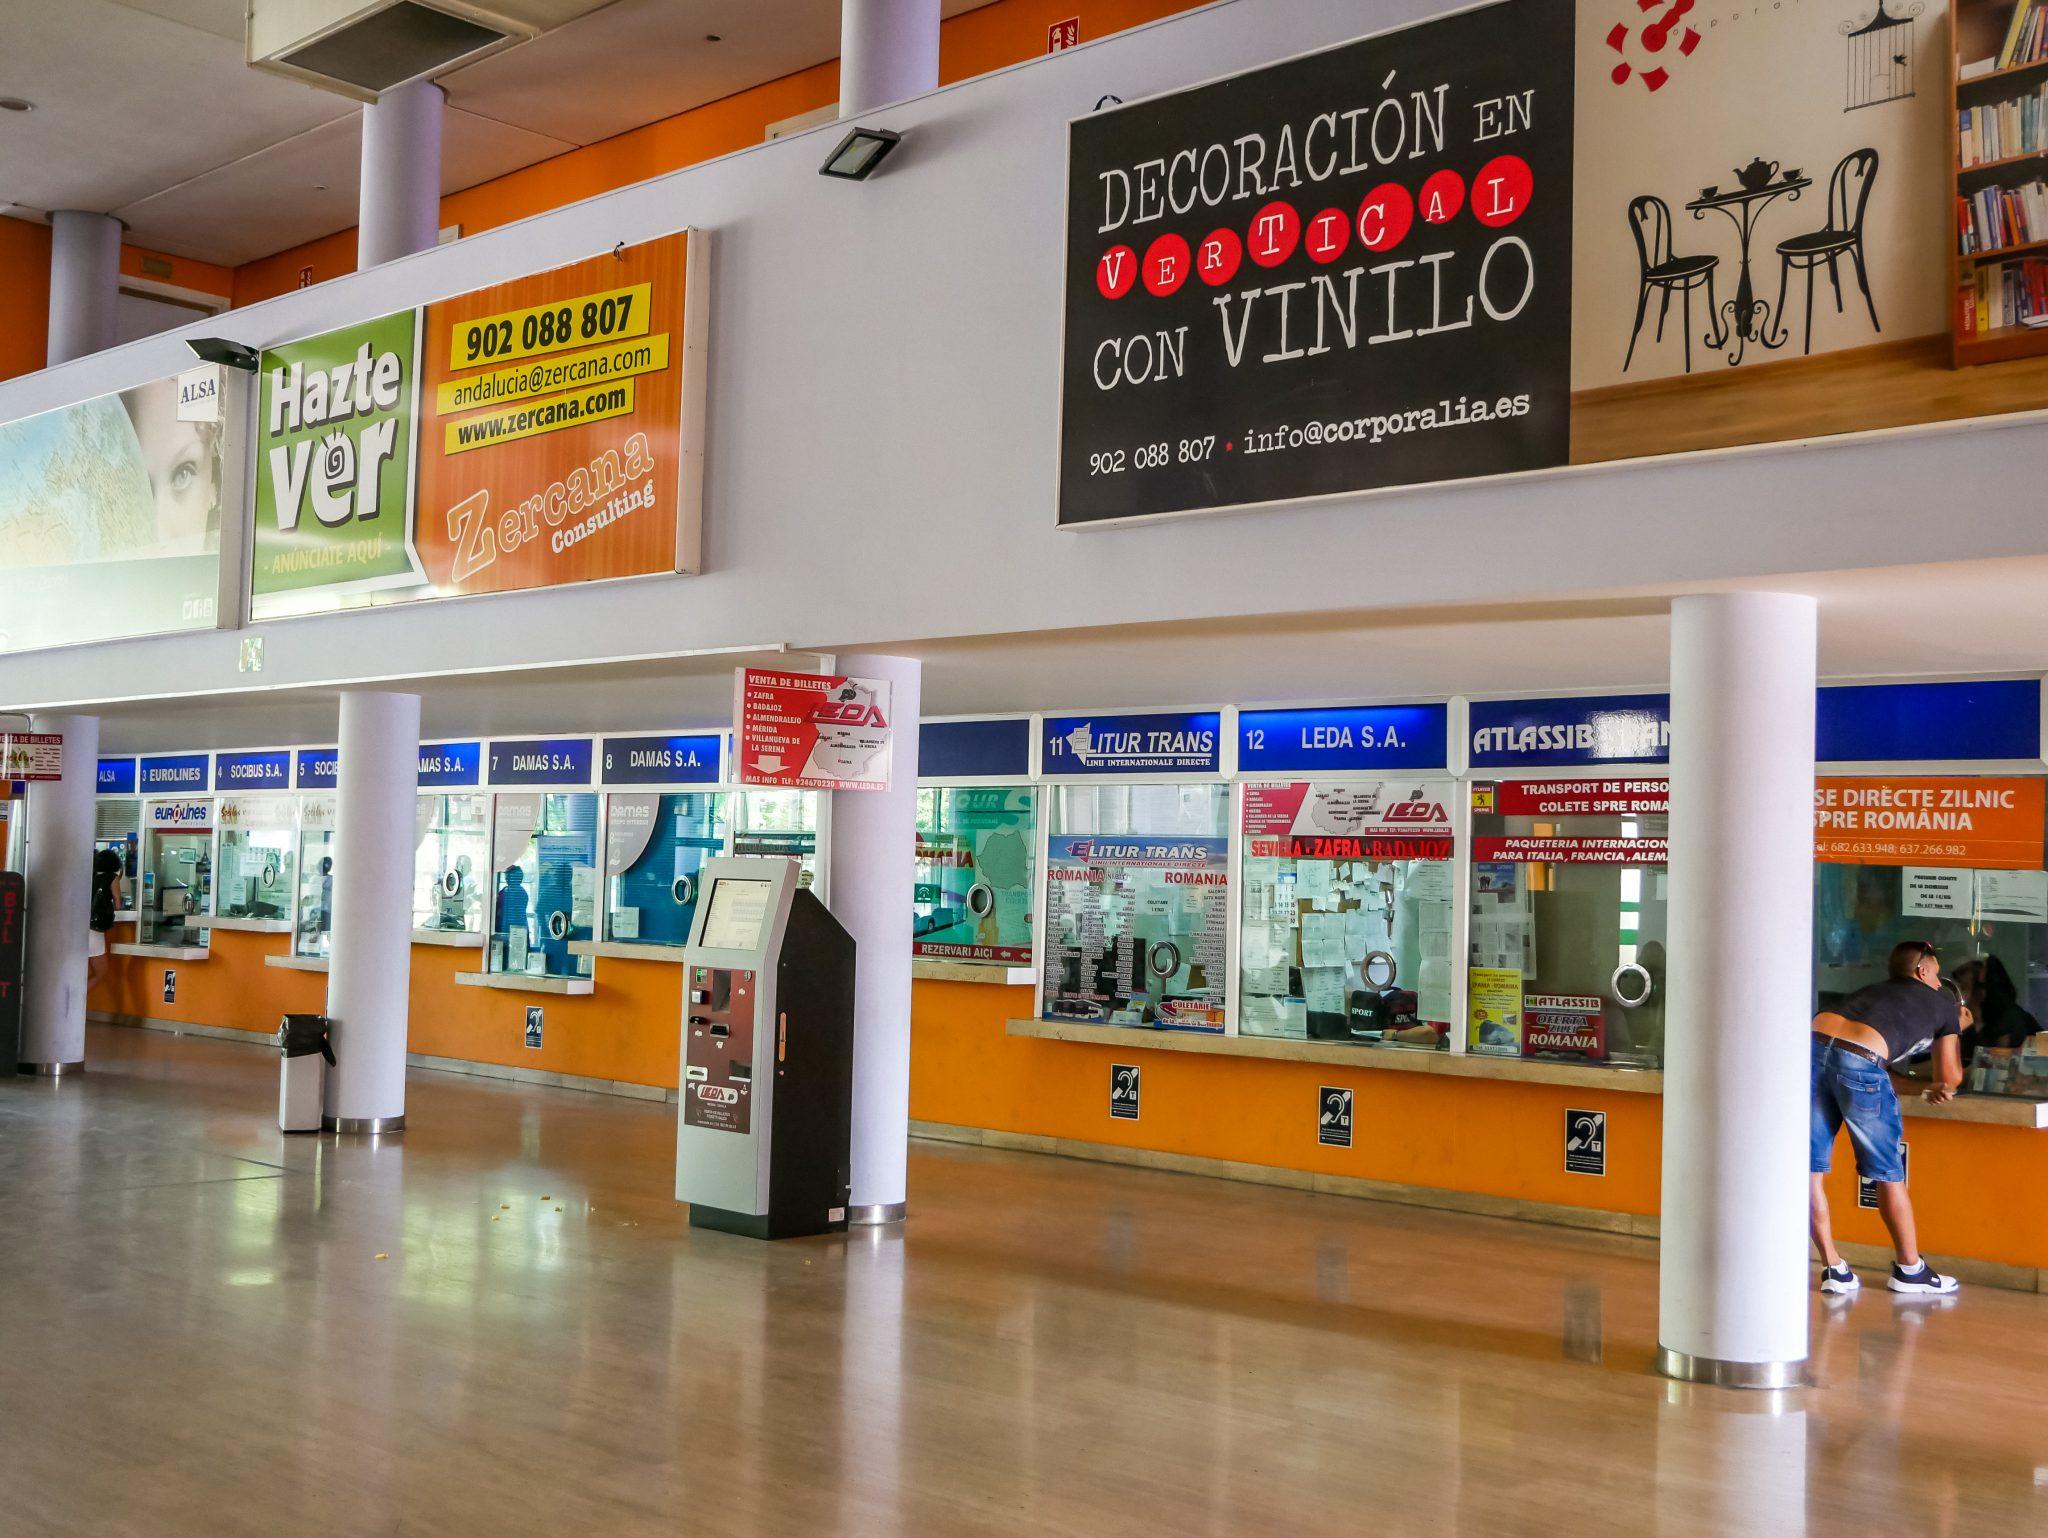 In der Eingangshalle, welche gleichzeitig als Wartebereich genutzt wird, sind ebenfalls sehe viele Unternehmen vertreten, bei welchen du dein Ticket (für weit entfernte Ziele) kaufen kannst.